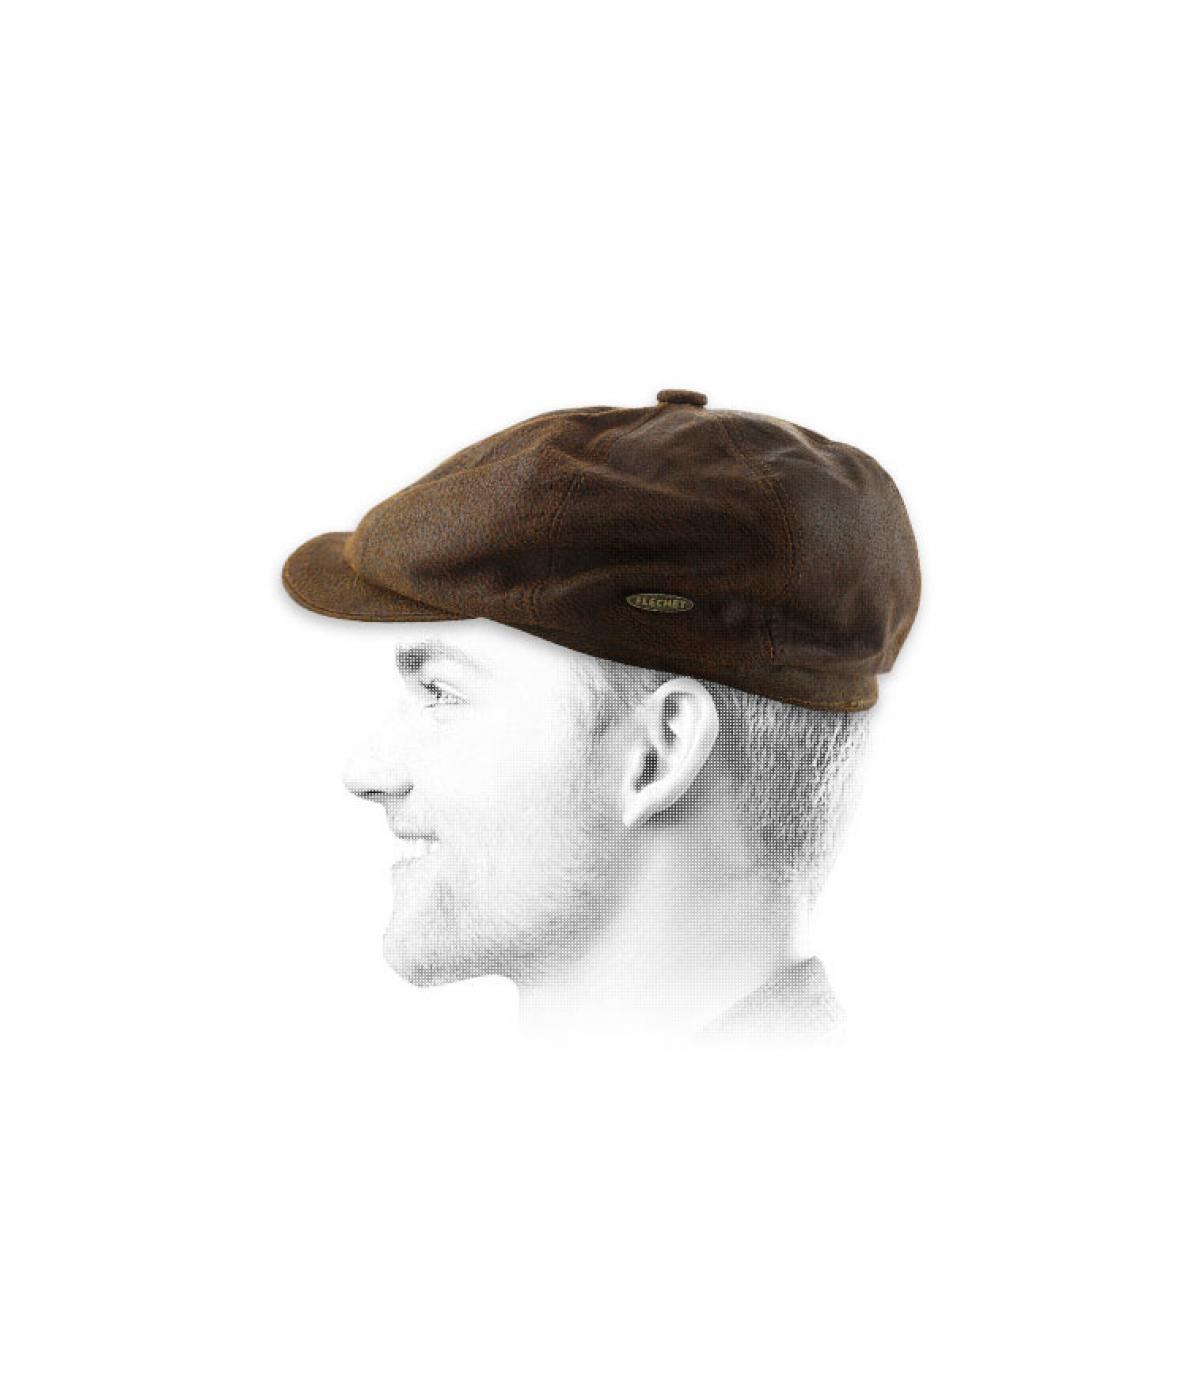 Cappellino pelle Flchet